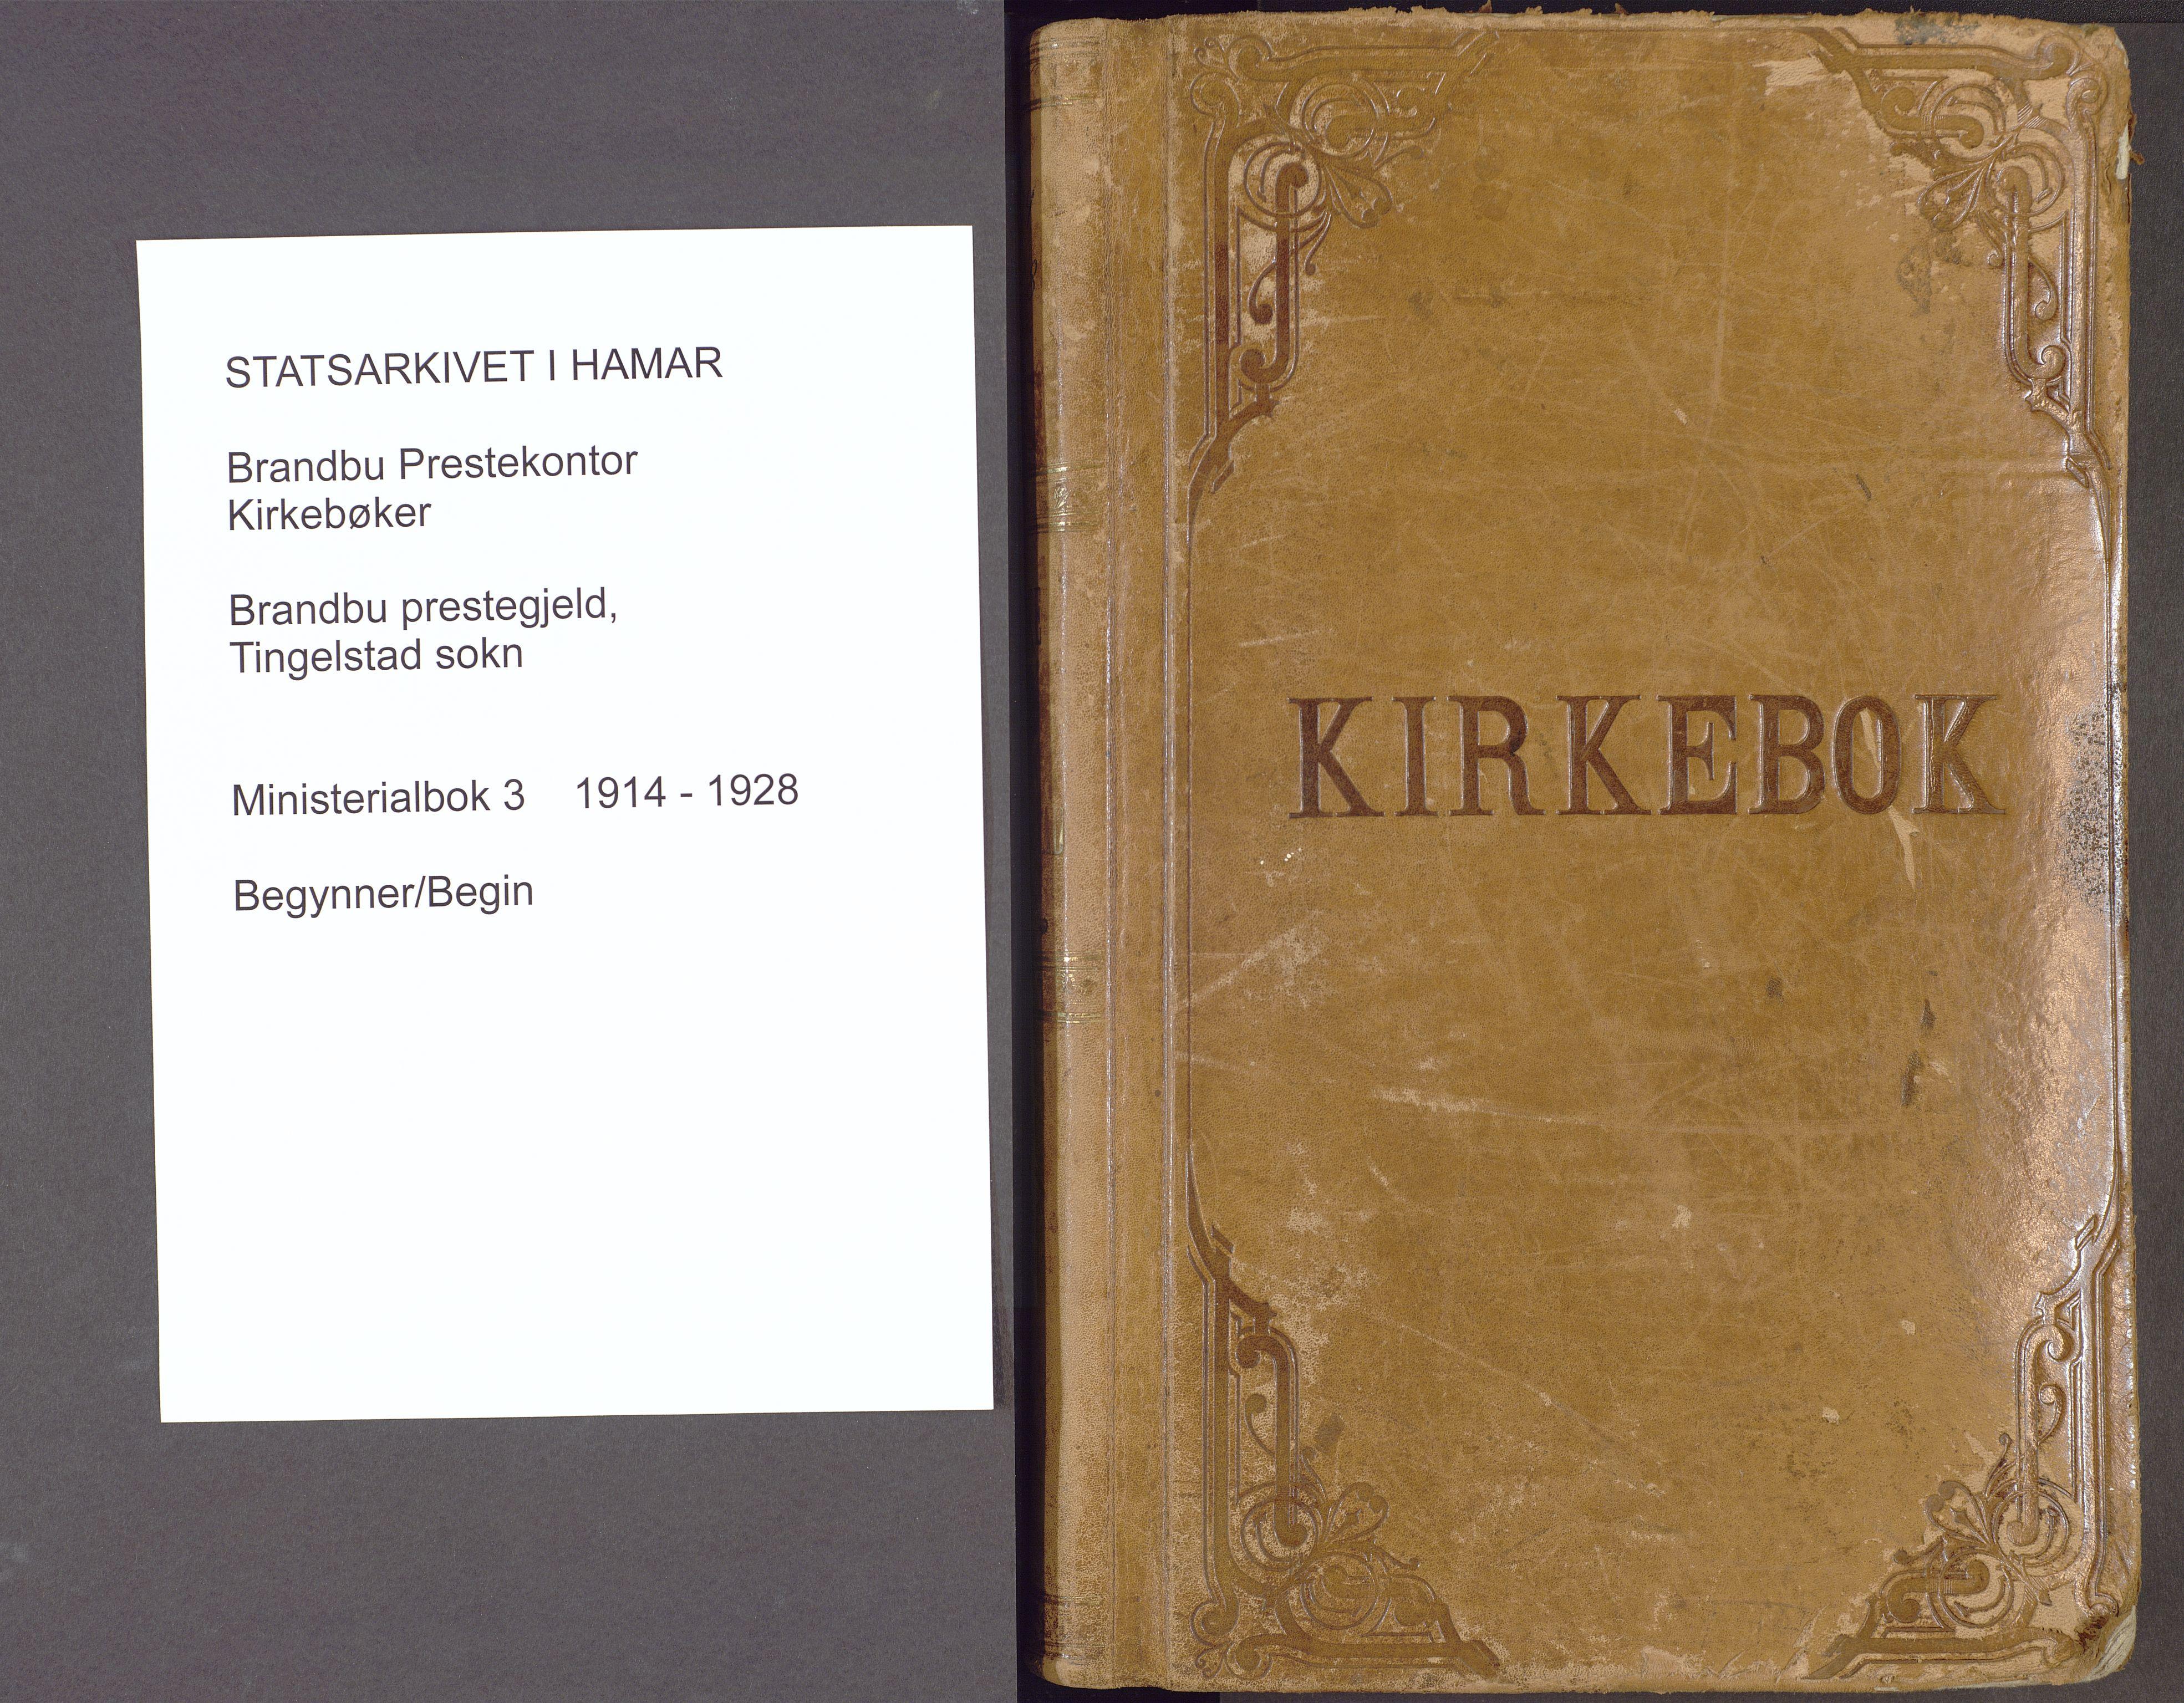 SAH, Brandbu prestekontor, Ministerialbok nr. 3, 1914-1928